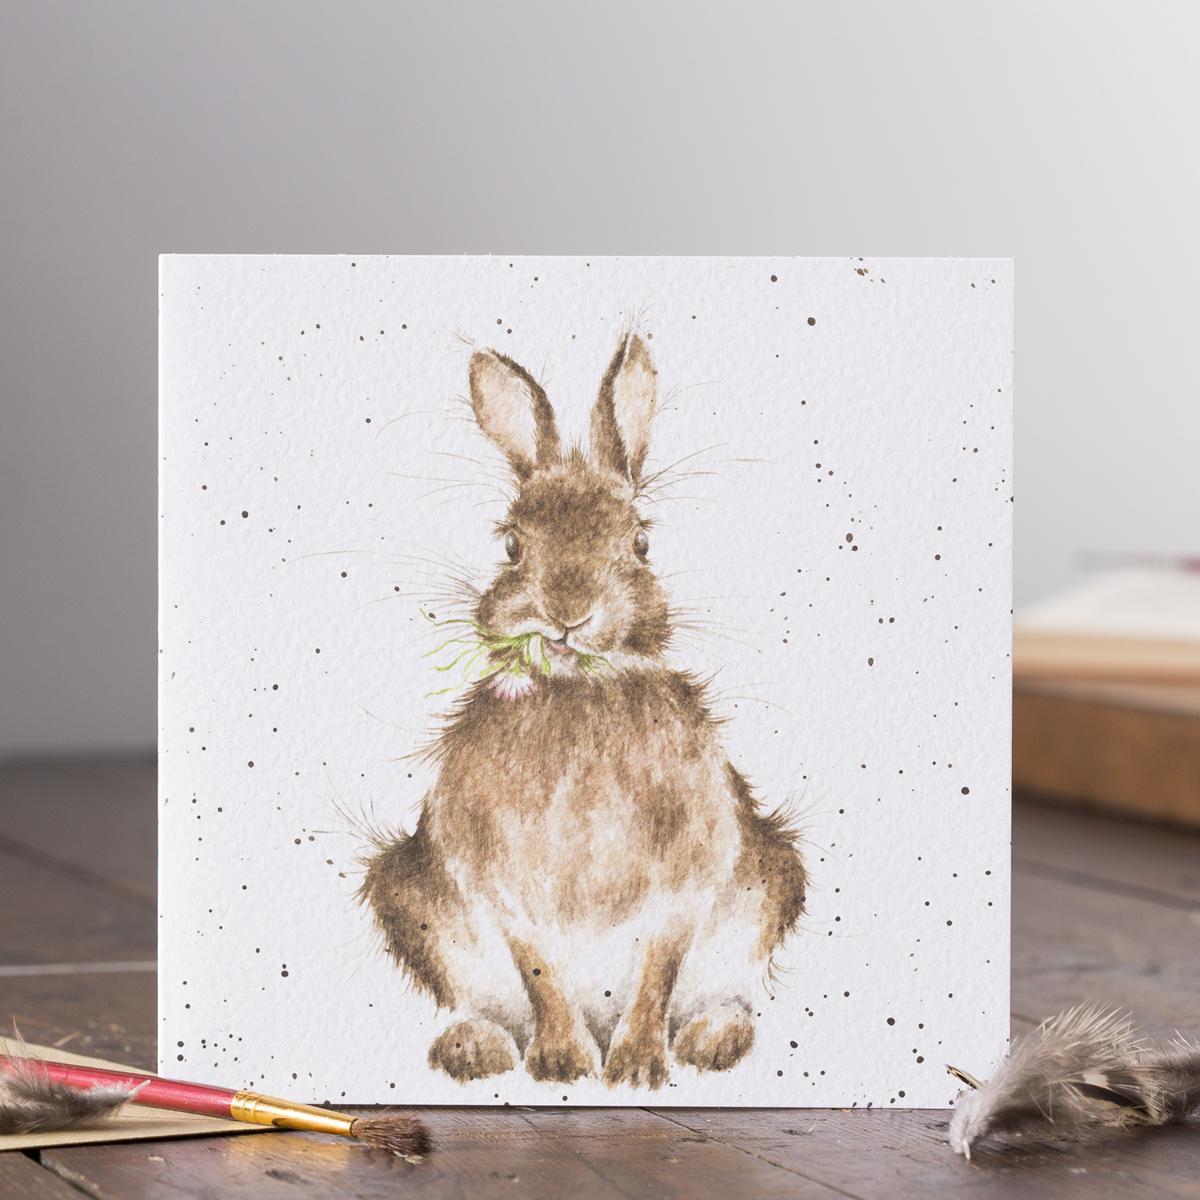 Wrendale Doppelkarte mit Umschlag, Motiv Hase isst Gras, Quadratisch, 15x15 cm